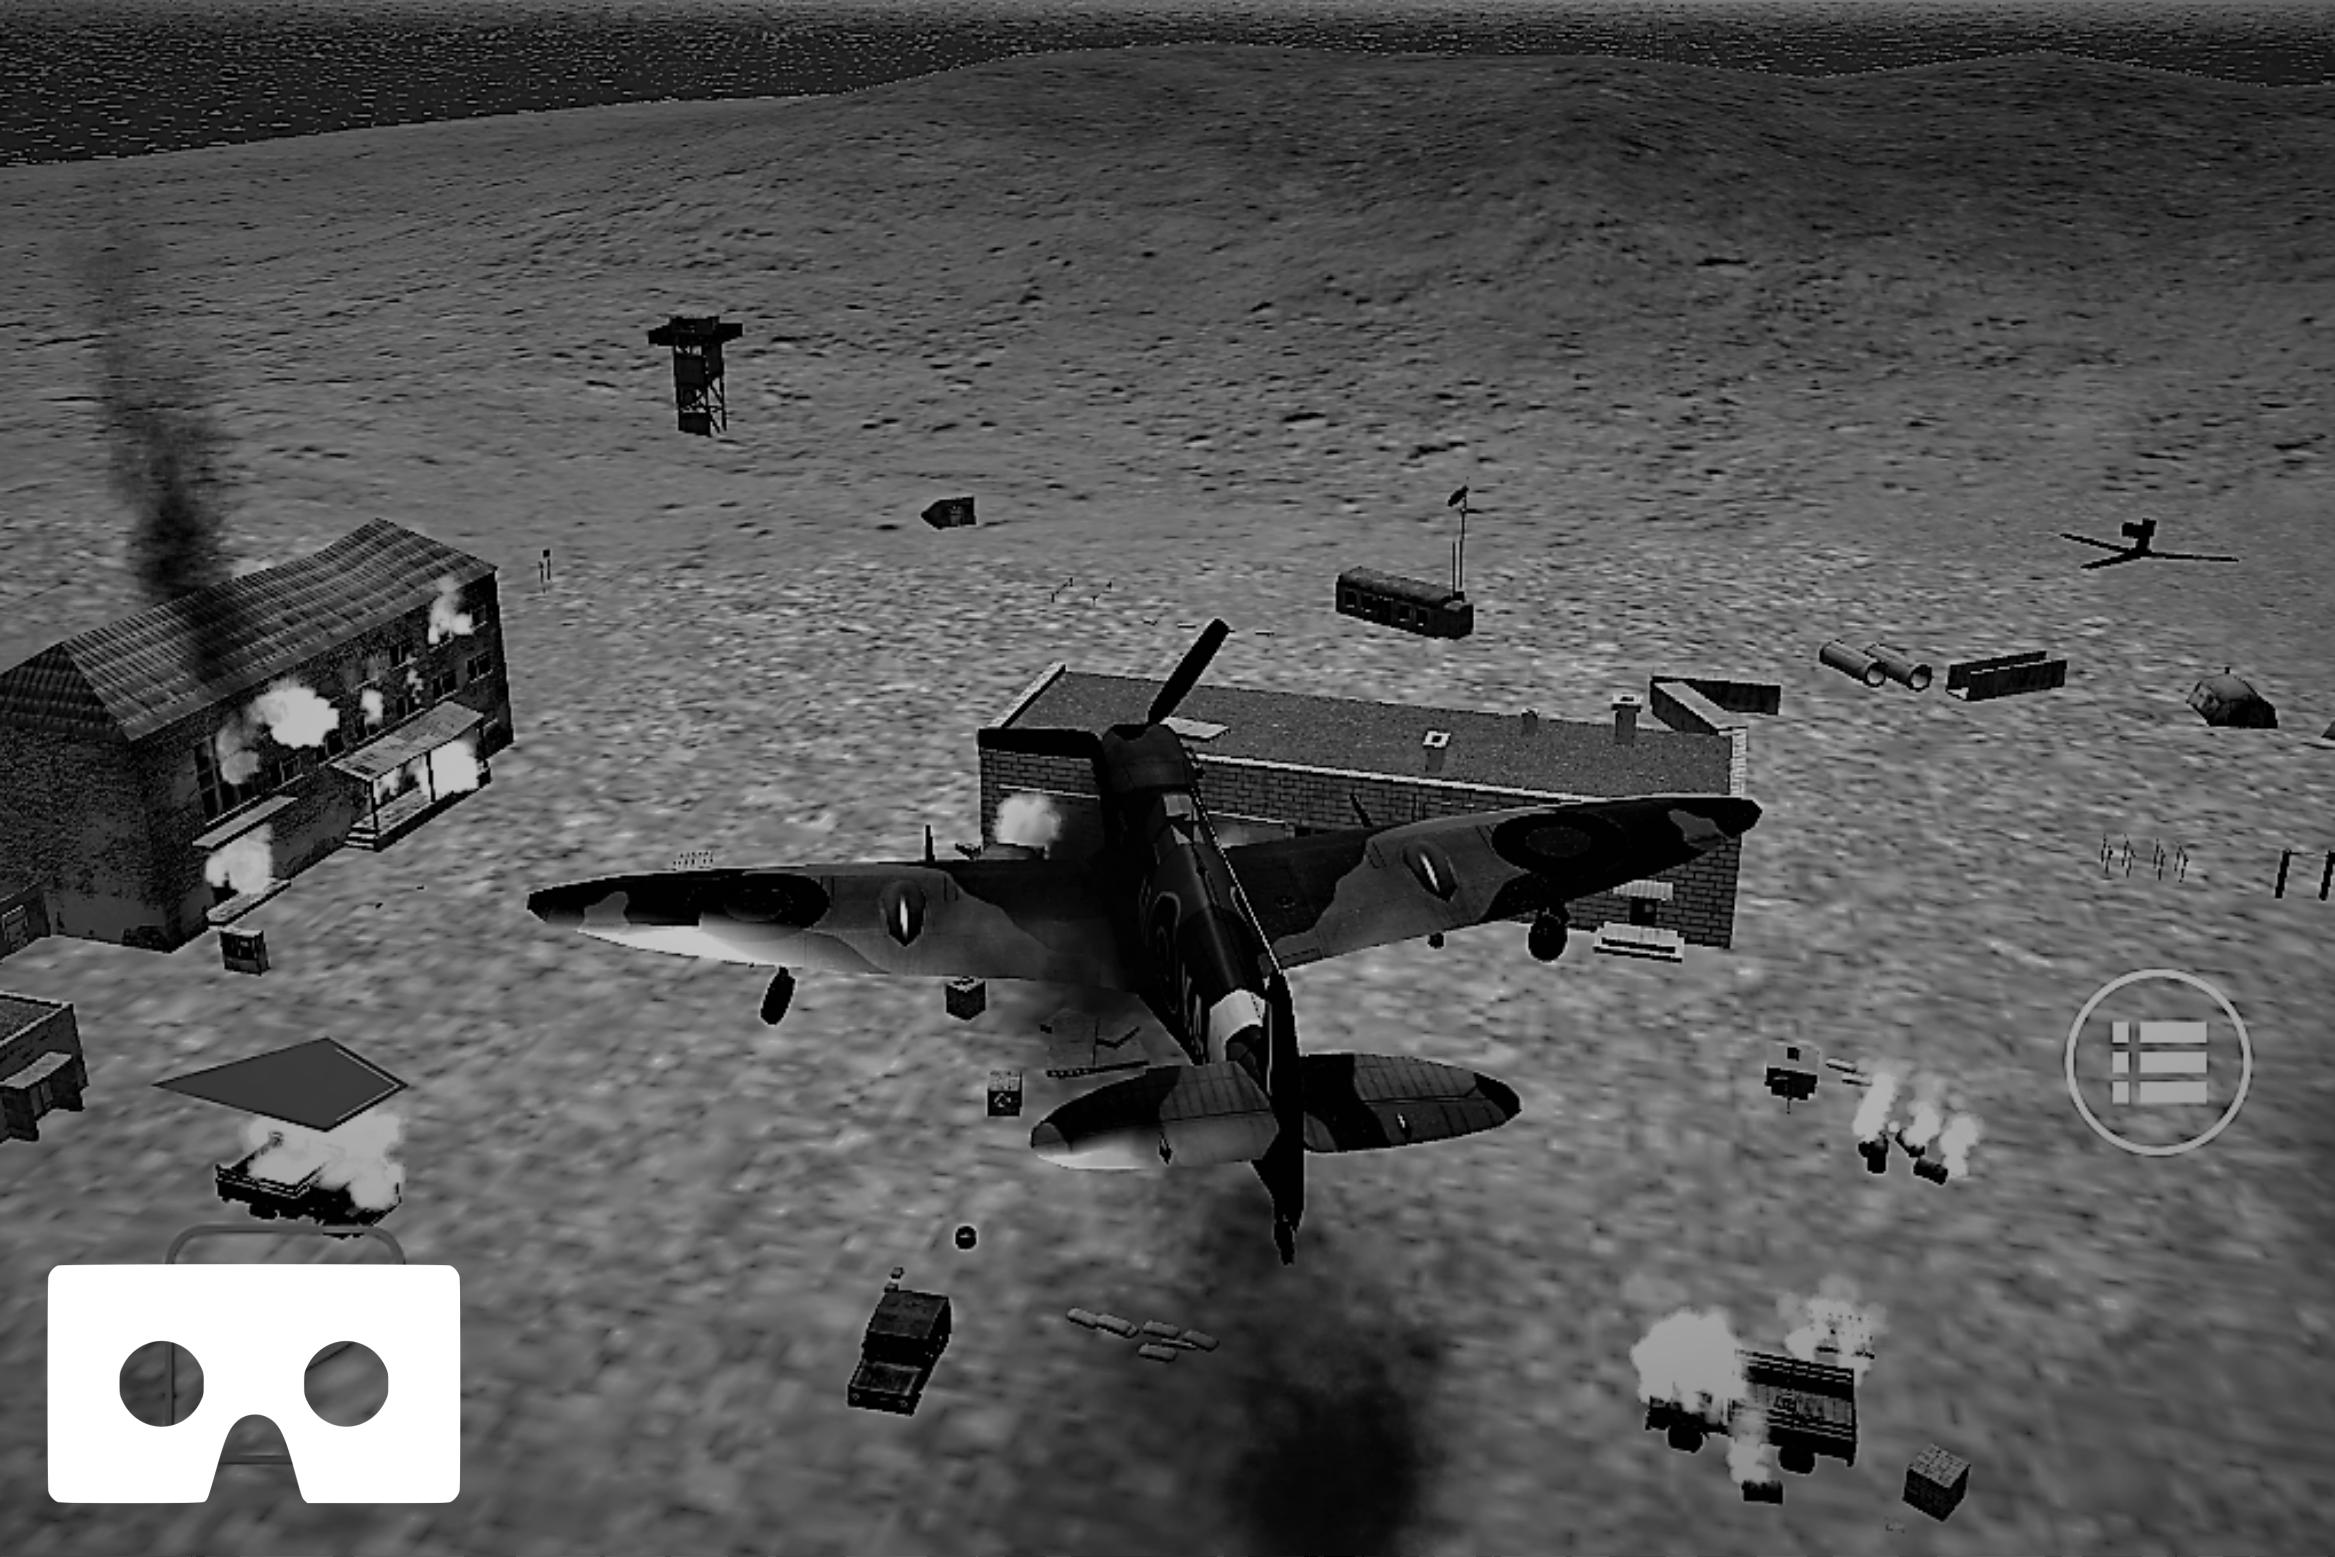 WW2 Aircraft Strike VR